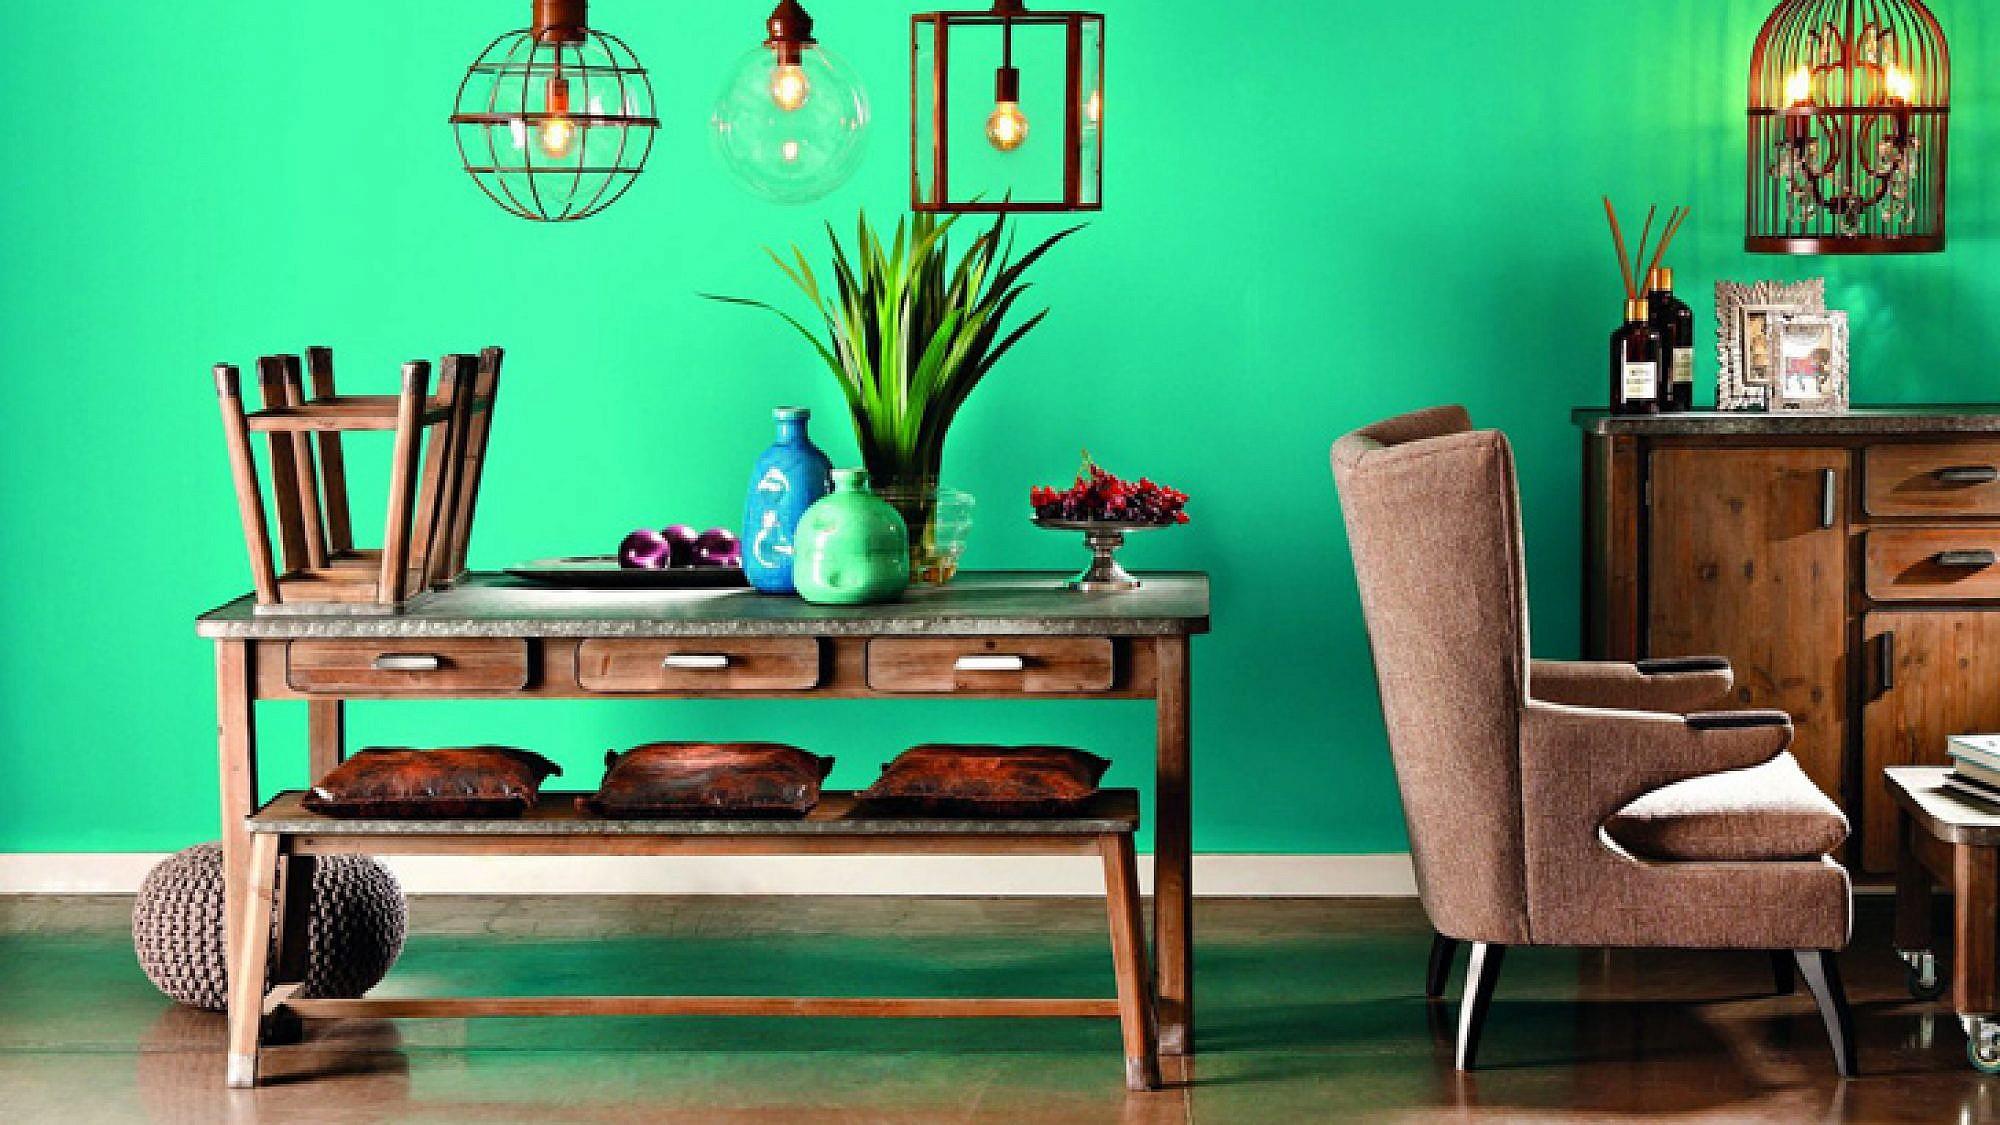 לשדרג את הסלון בכמה צעדים פשוטים בלי לקרוע את הכיס | צלם: דן פרץ